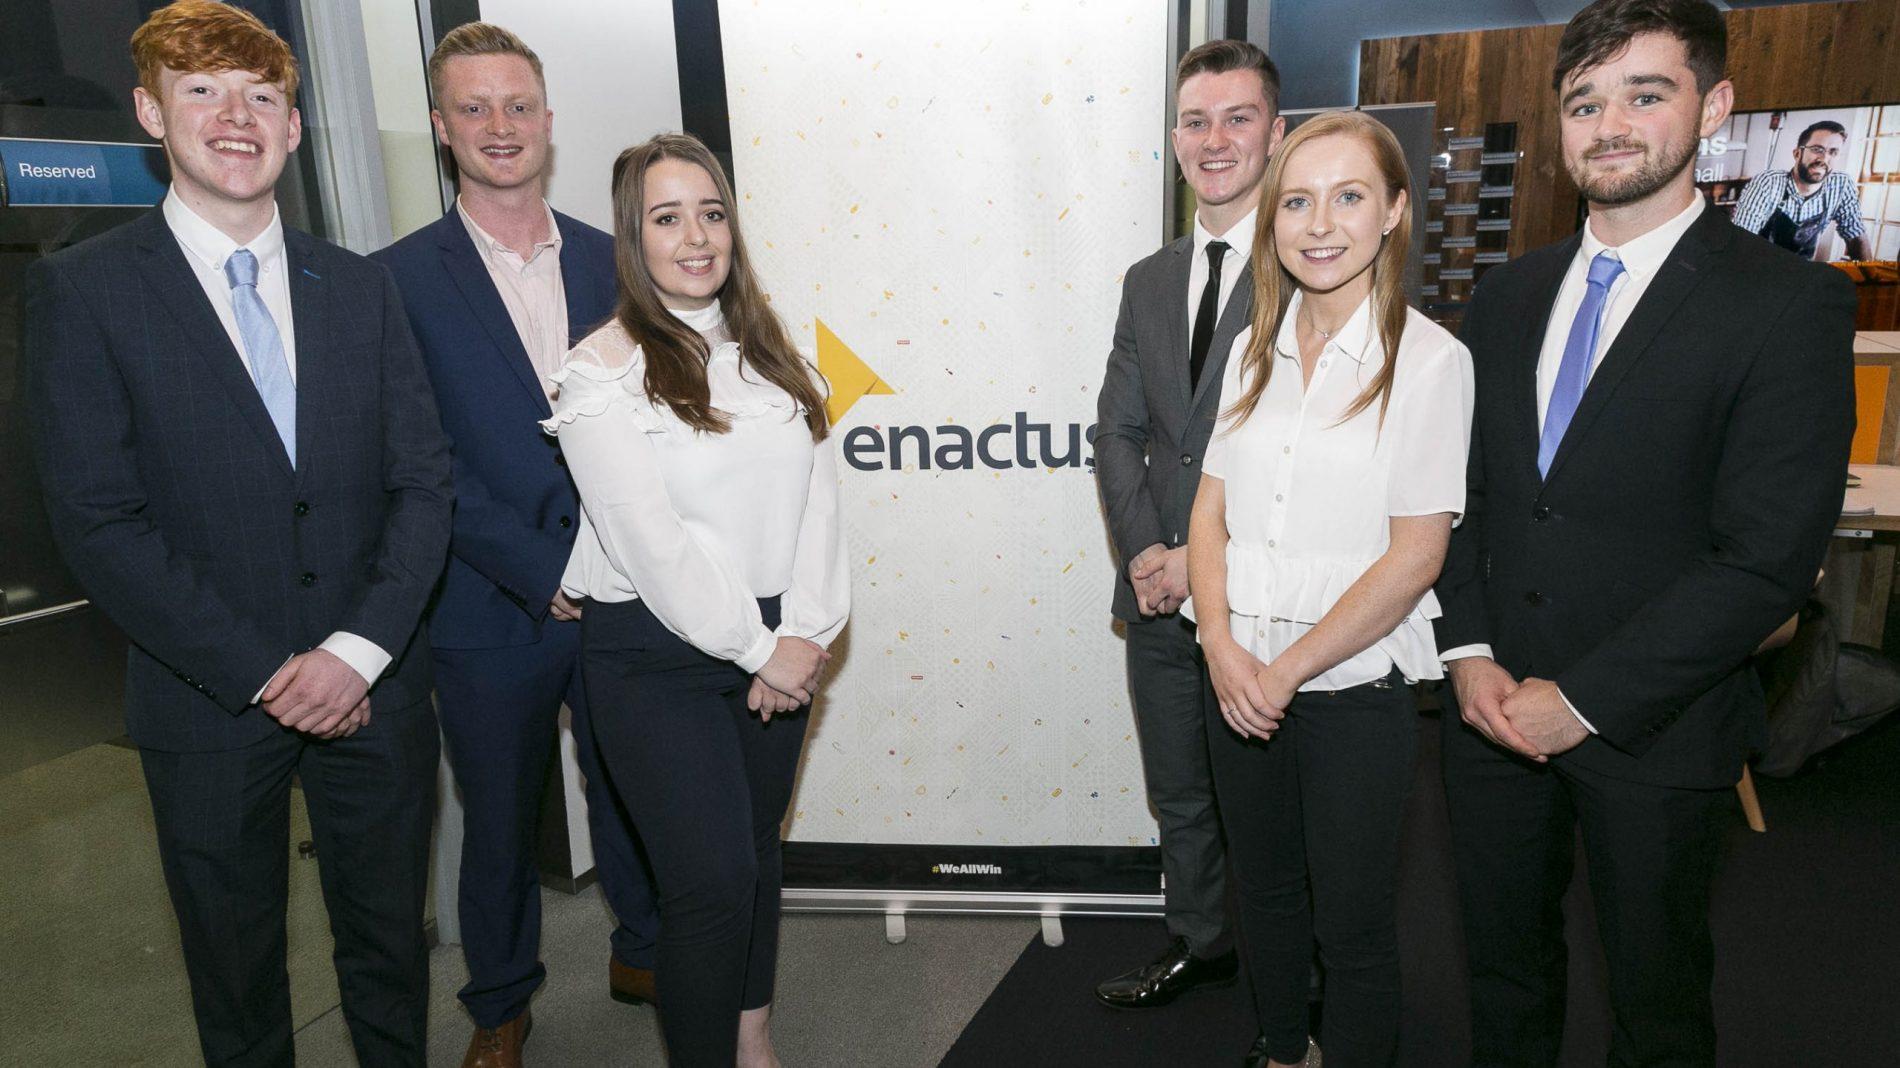 Enactus DCU team